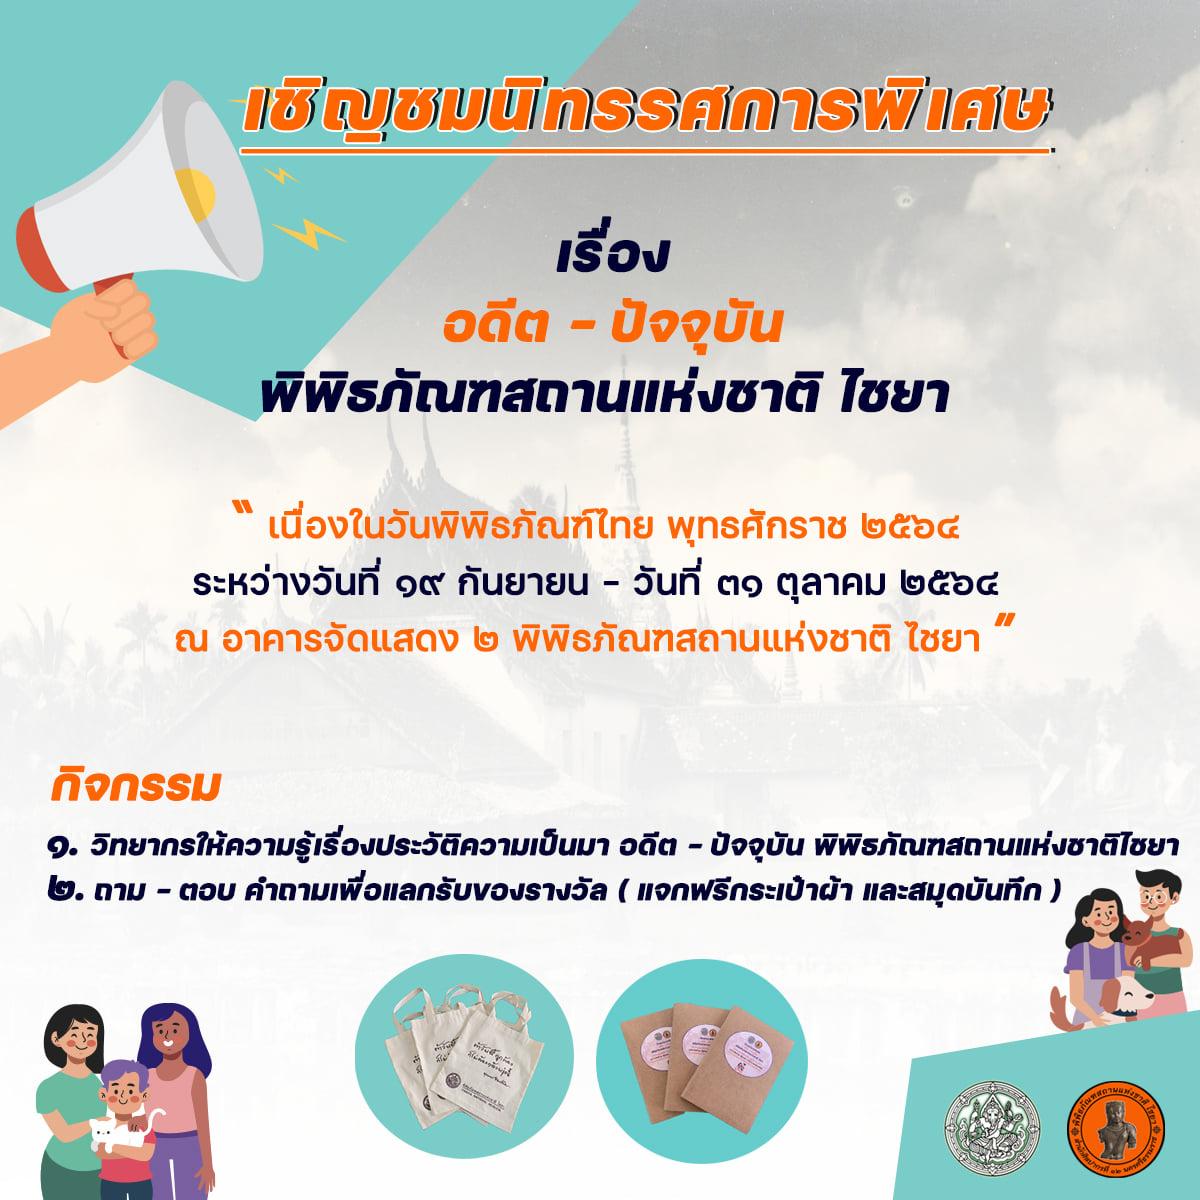 """ขอเชิญชมนิทรรศการพิเศษเนื่องในวันพิพิธภัณฑ์ไทย หัวข้อ """"อดีต - ปัจจุบัน พิพิธภัณฑสถานแห่งชาติ ไชยา"""""""